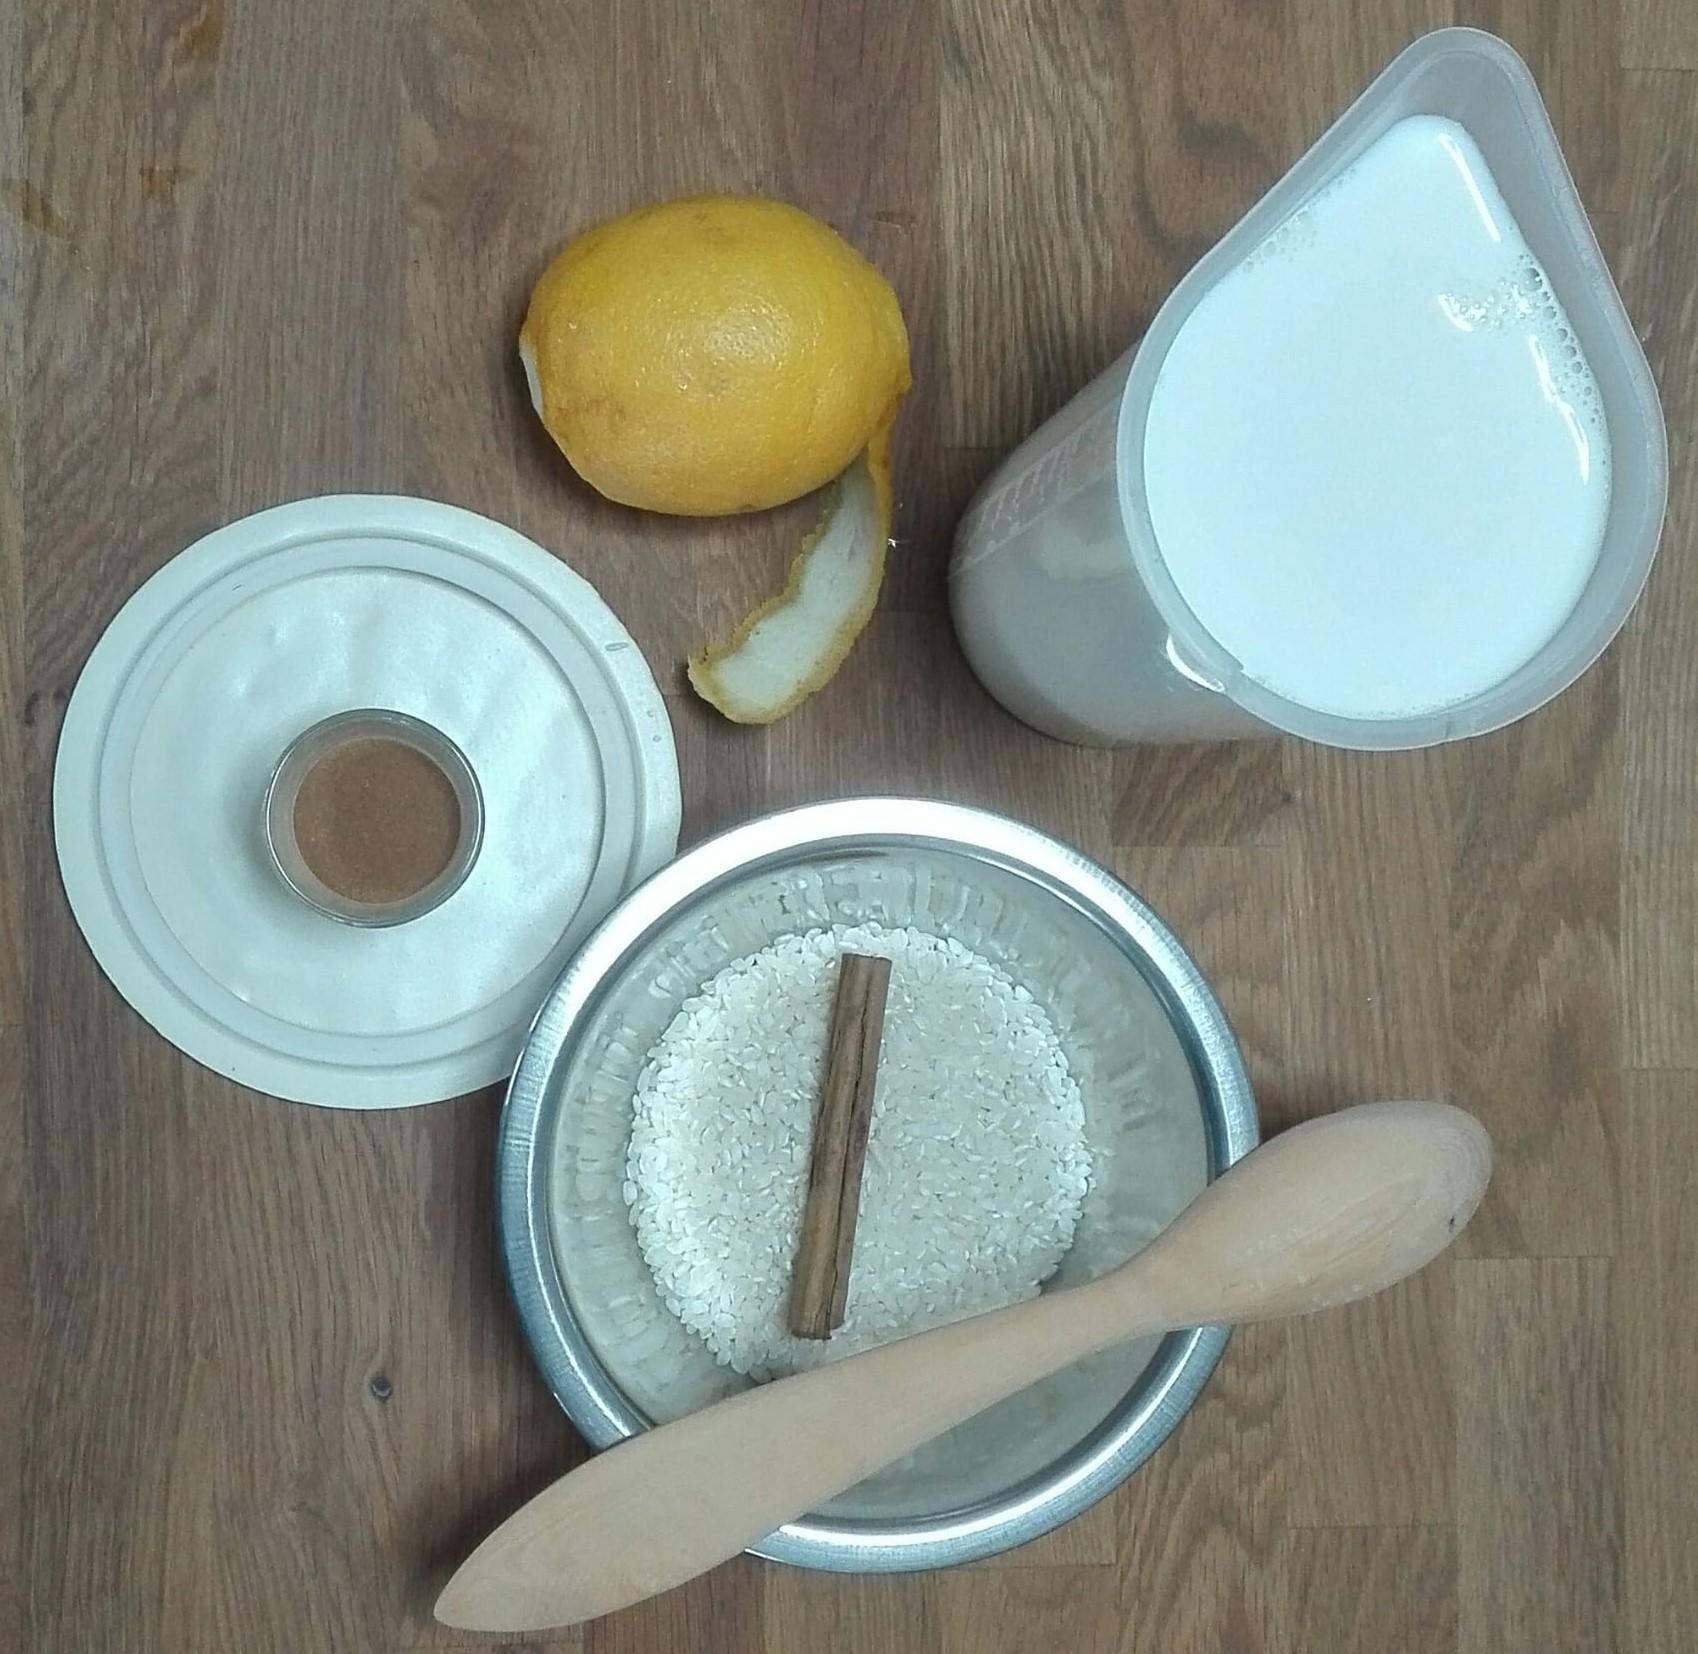 arroz con leche sarai alonso nutrición online receta